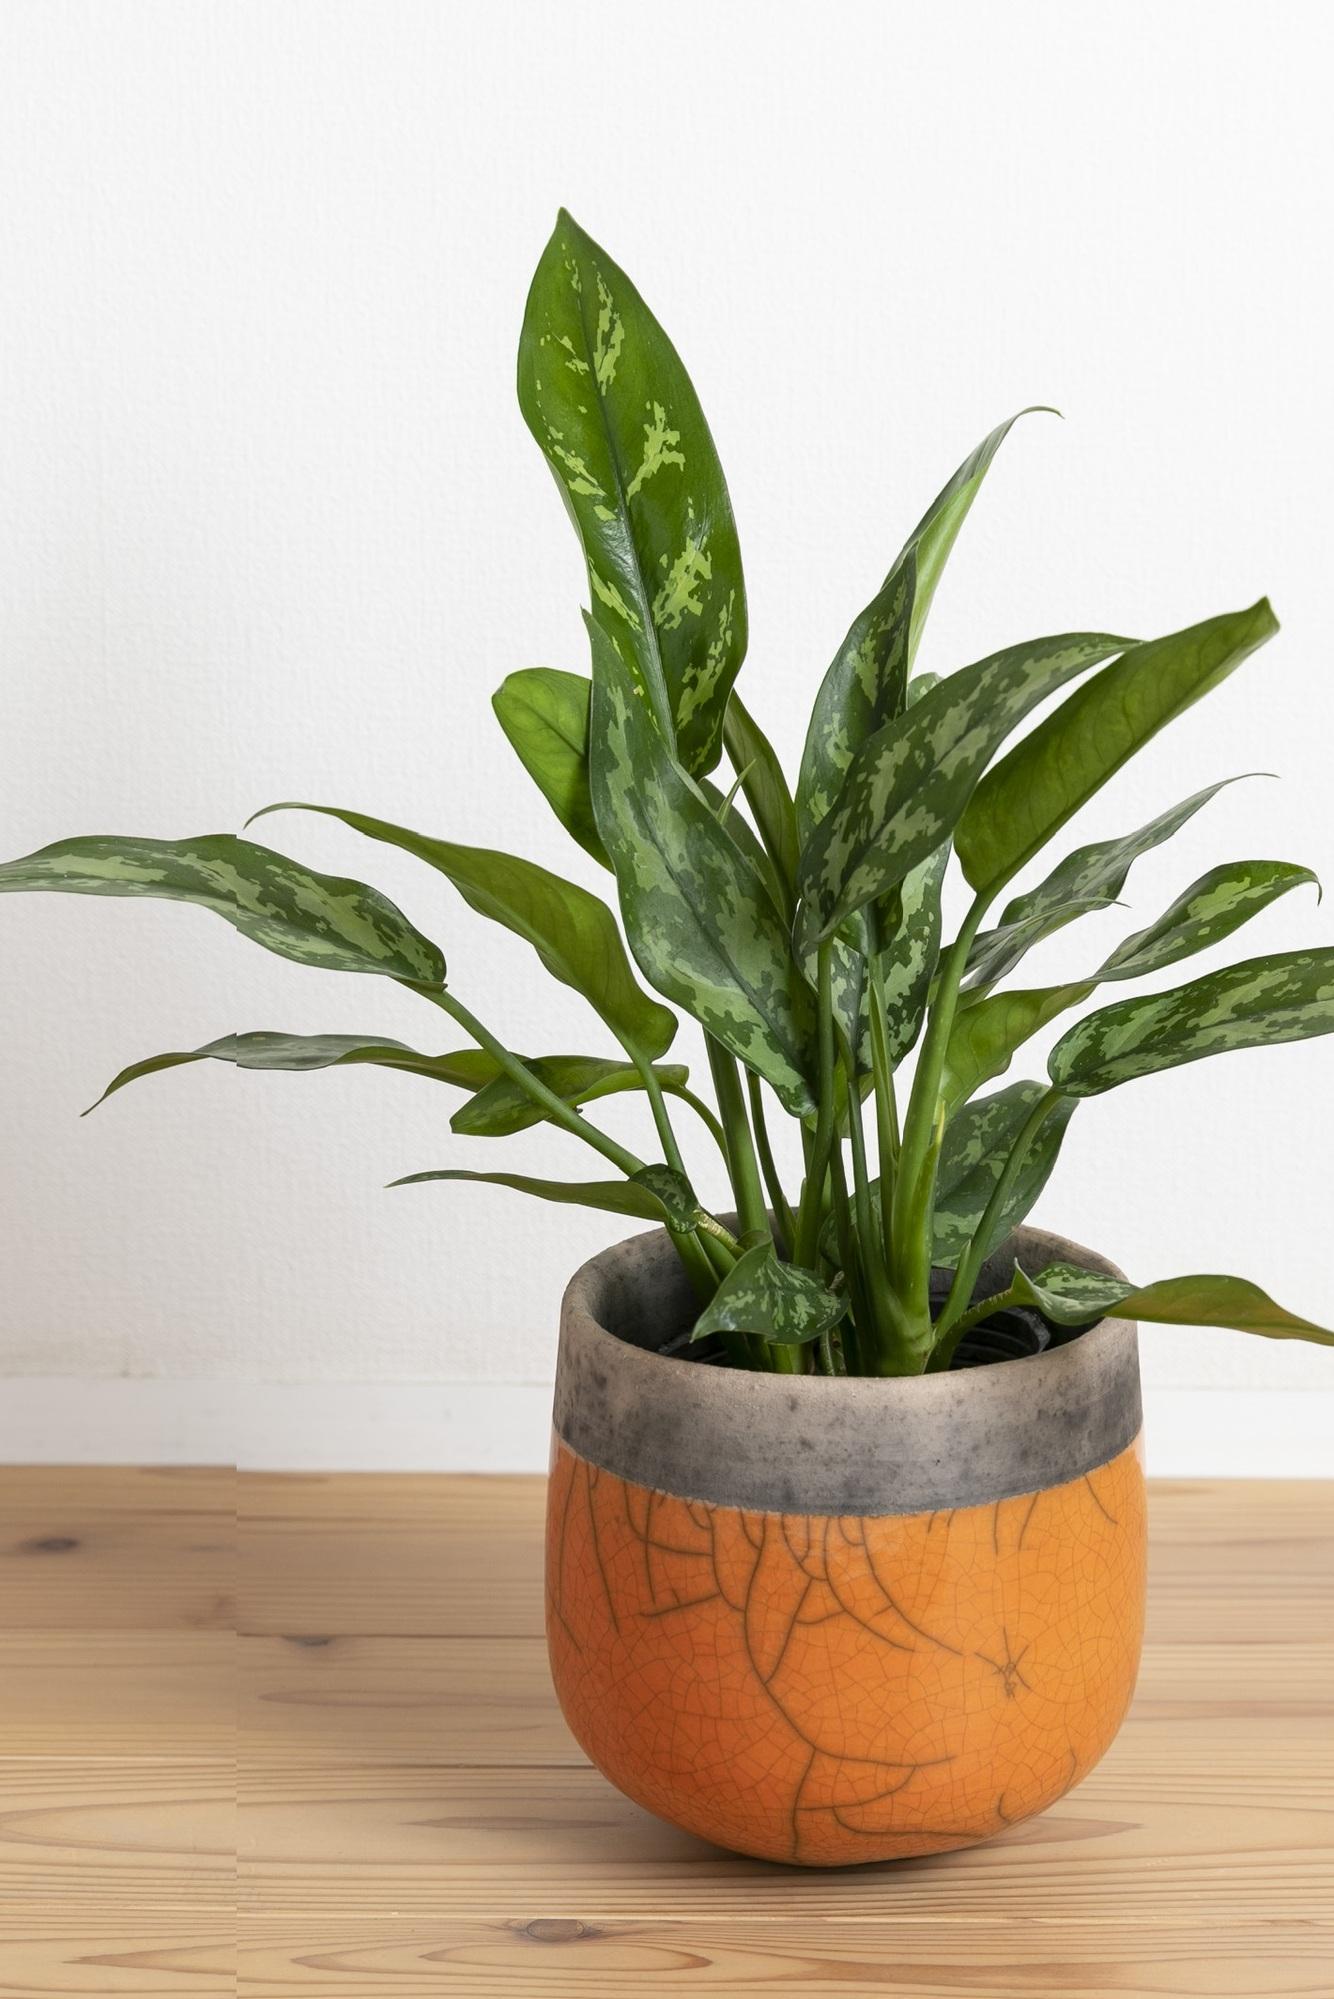 アグラオネマ・マリア、観葉植物